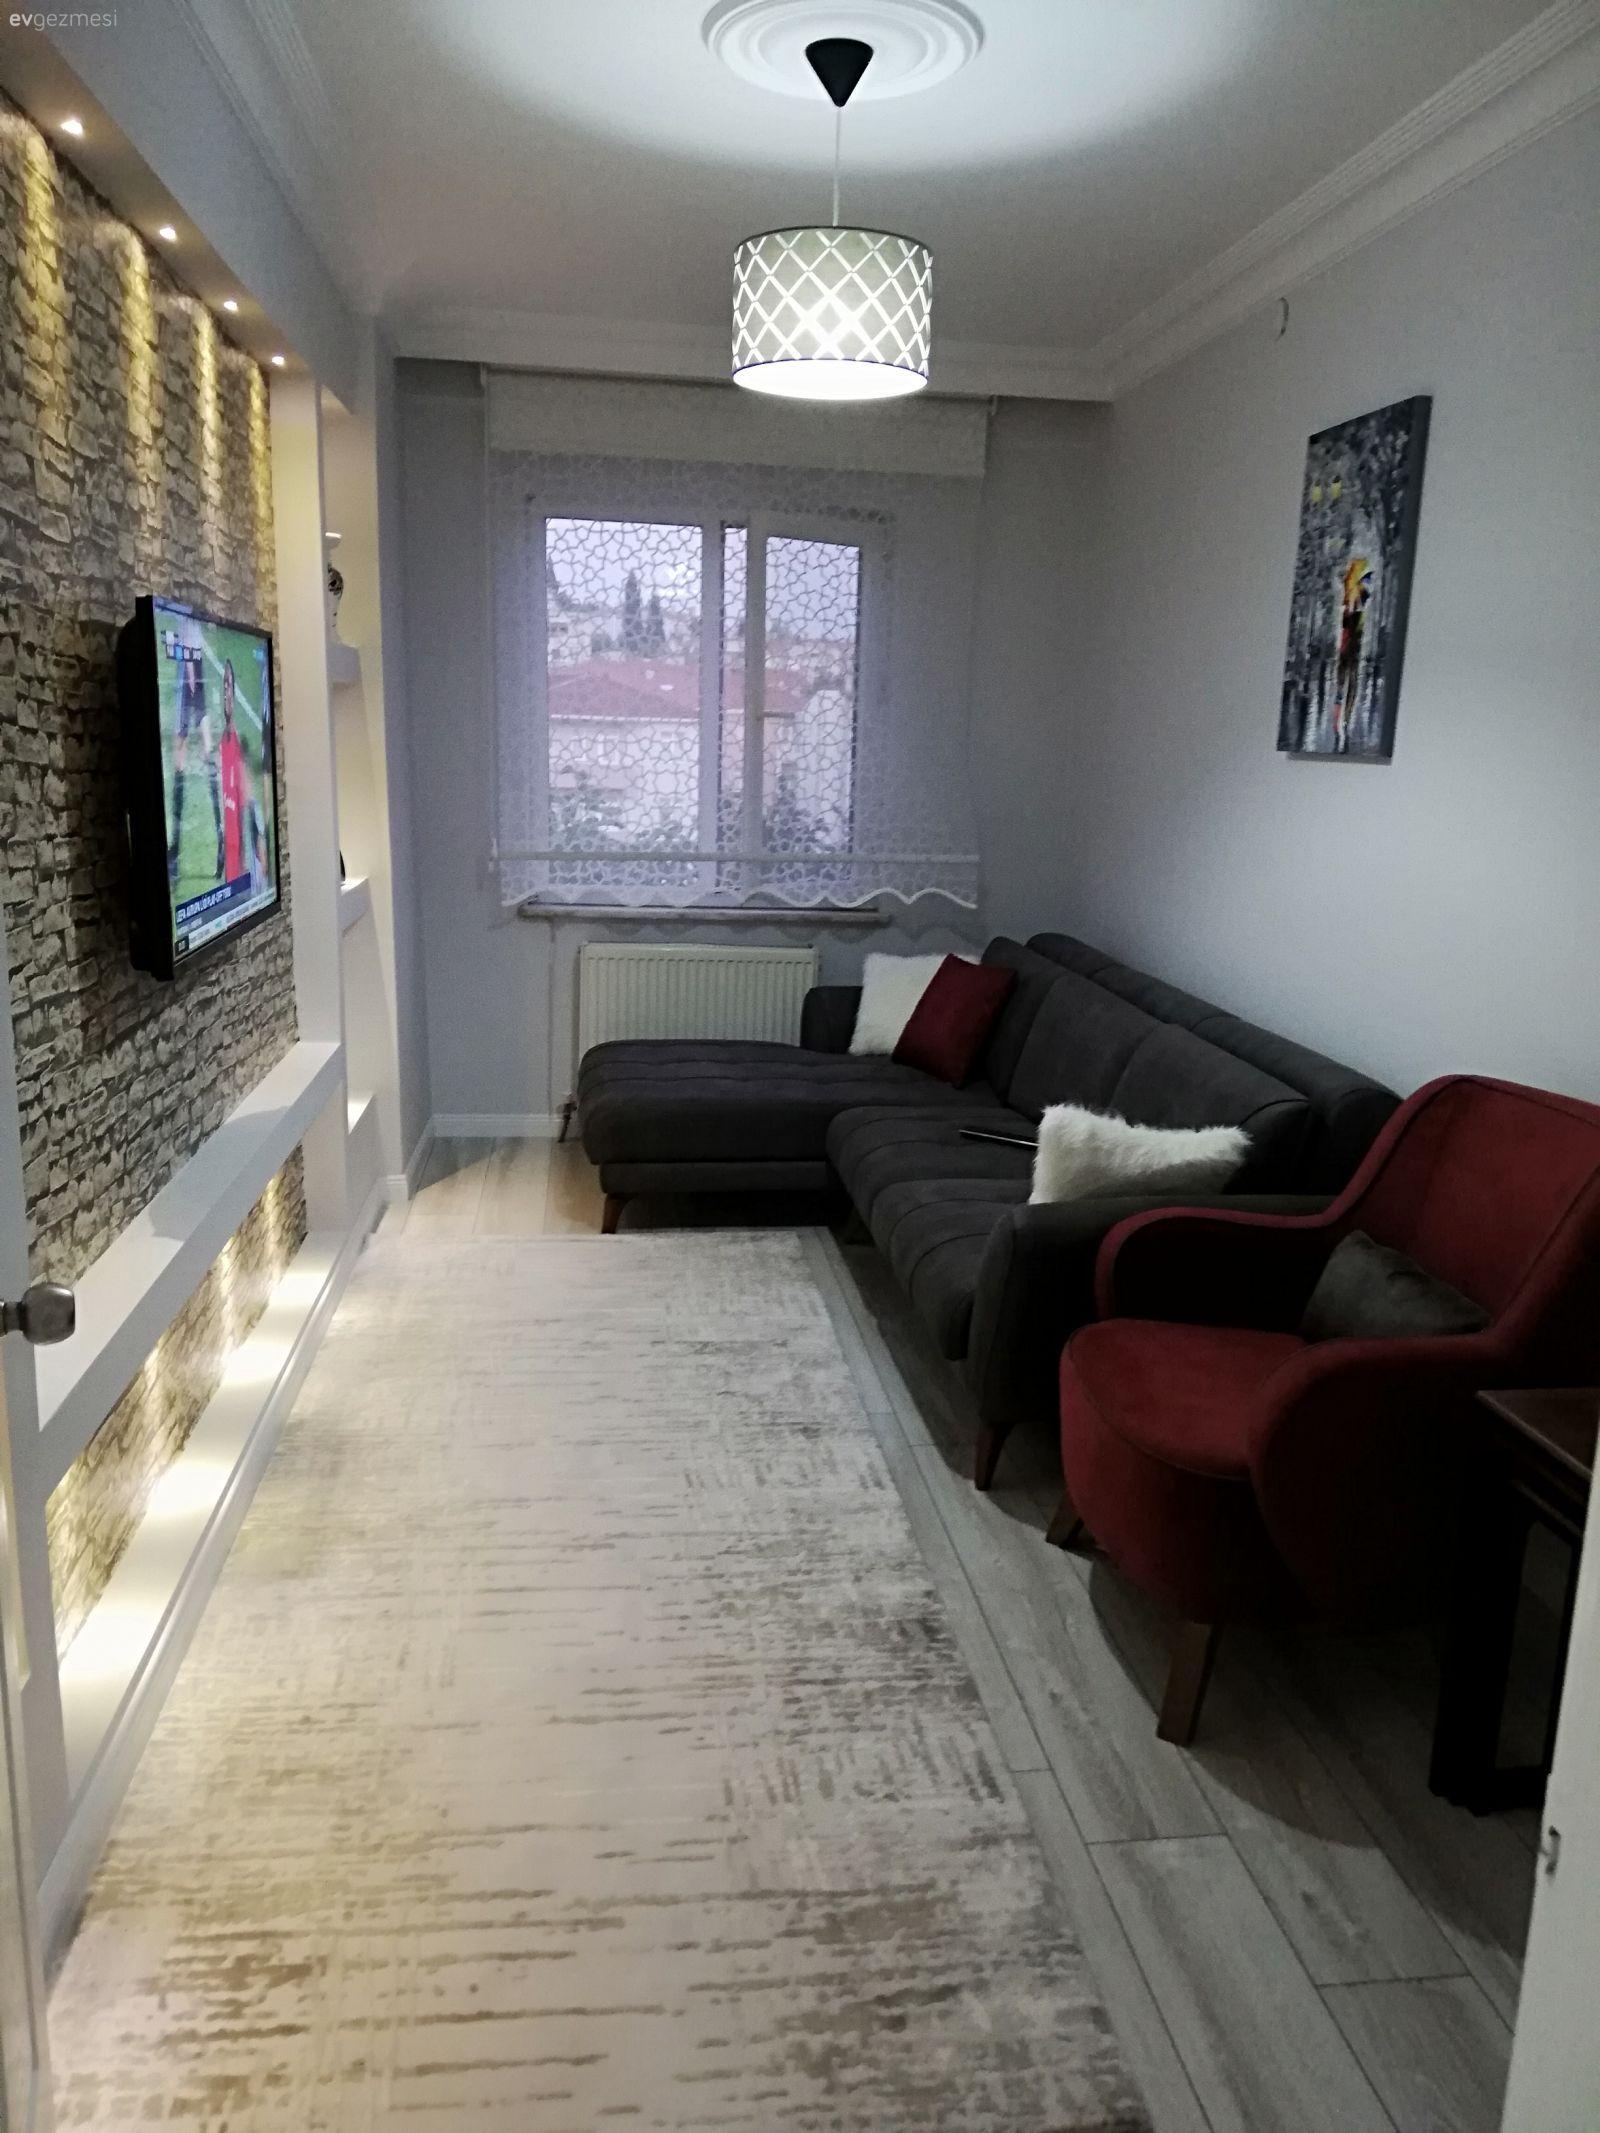 Yeni Evliyim Yorumlarinizi Bekliyorum Ev Gezmesi Aile Odalari Oturma Odasi Takimlari Oturma Odasi Dekorasyonu